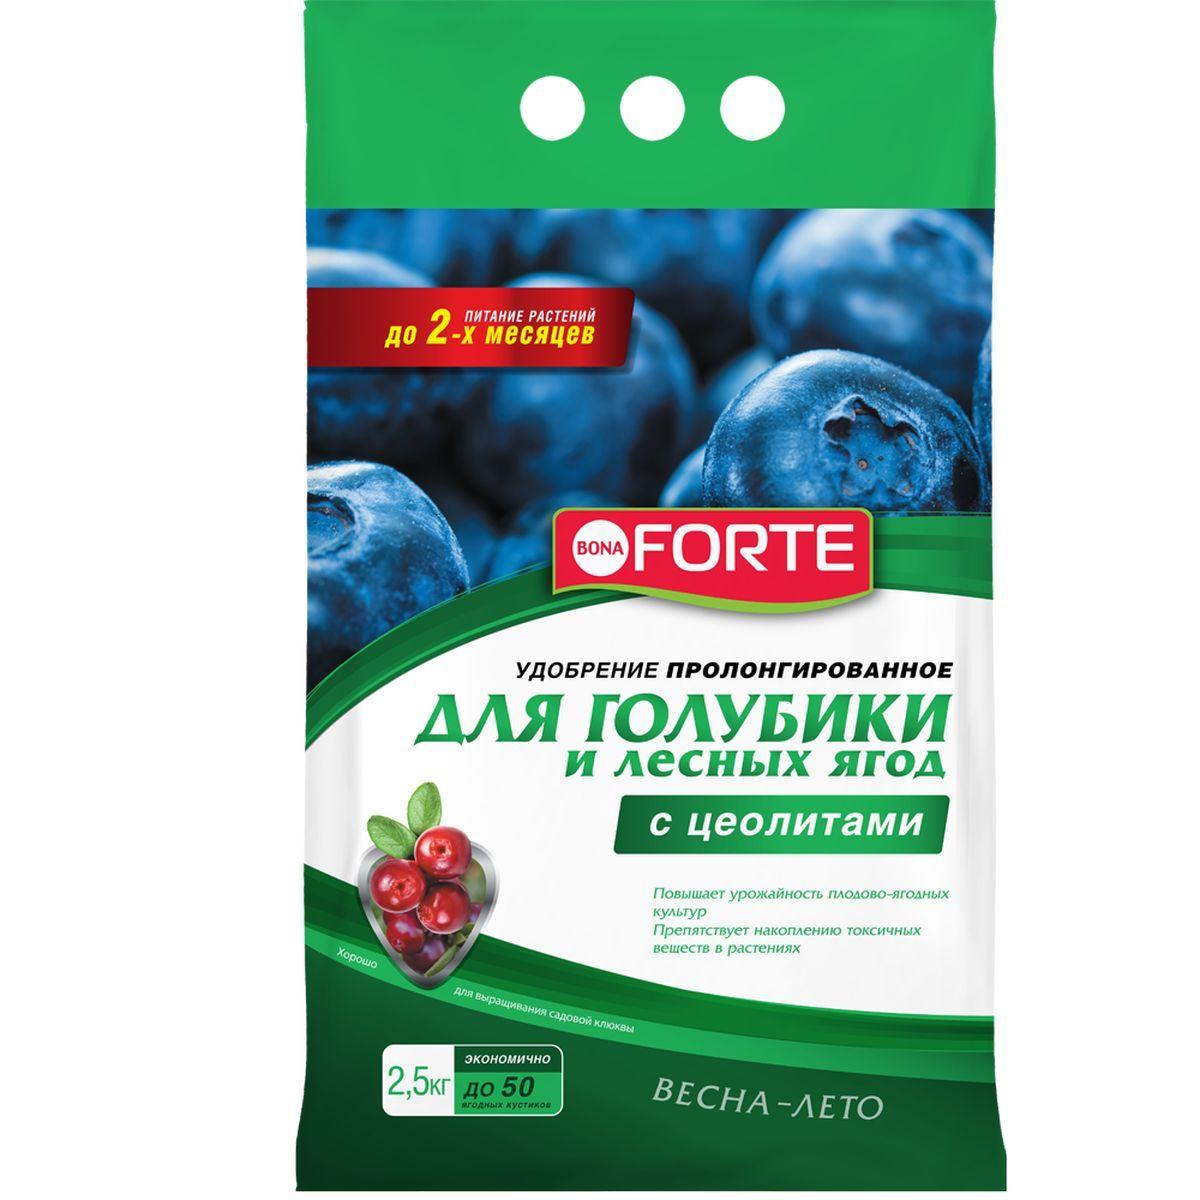 Удобрение Bona Forte, для голубики и лесных ягод, с цеолитом, 2,5 кгBF-23-01-027-1Для голубики, брусники, клюквы, ягодных и декоративных кустарников. Стимулирует образование завязей, увеличивает урожай, оздоравливает корневую систему растений. Удобрения дополнительно обогащены ЦЕОЛИТОМ, который имеет уникальные полезные свойства: - удерживает влагу и питательные вещества в корнеобитаемой зоне растений; - снижает стрессы растений при посадке и пересадке; - обеспечивает оптимальный воздушный режим даже при максимальном насыщении грунта водой; - делает удобрения пролонгированными